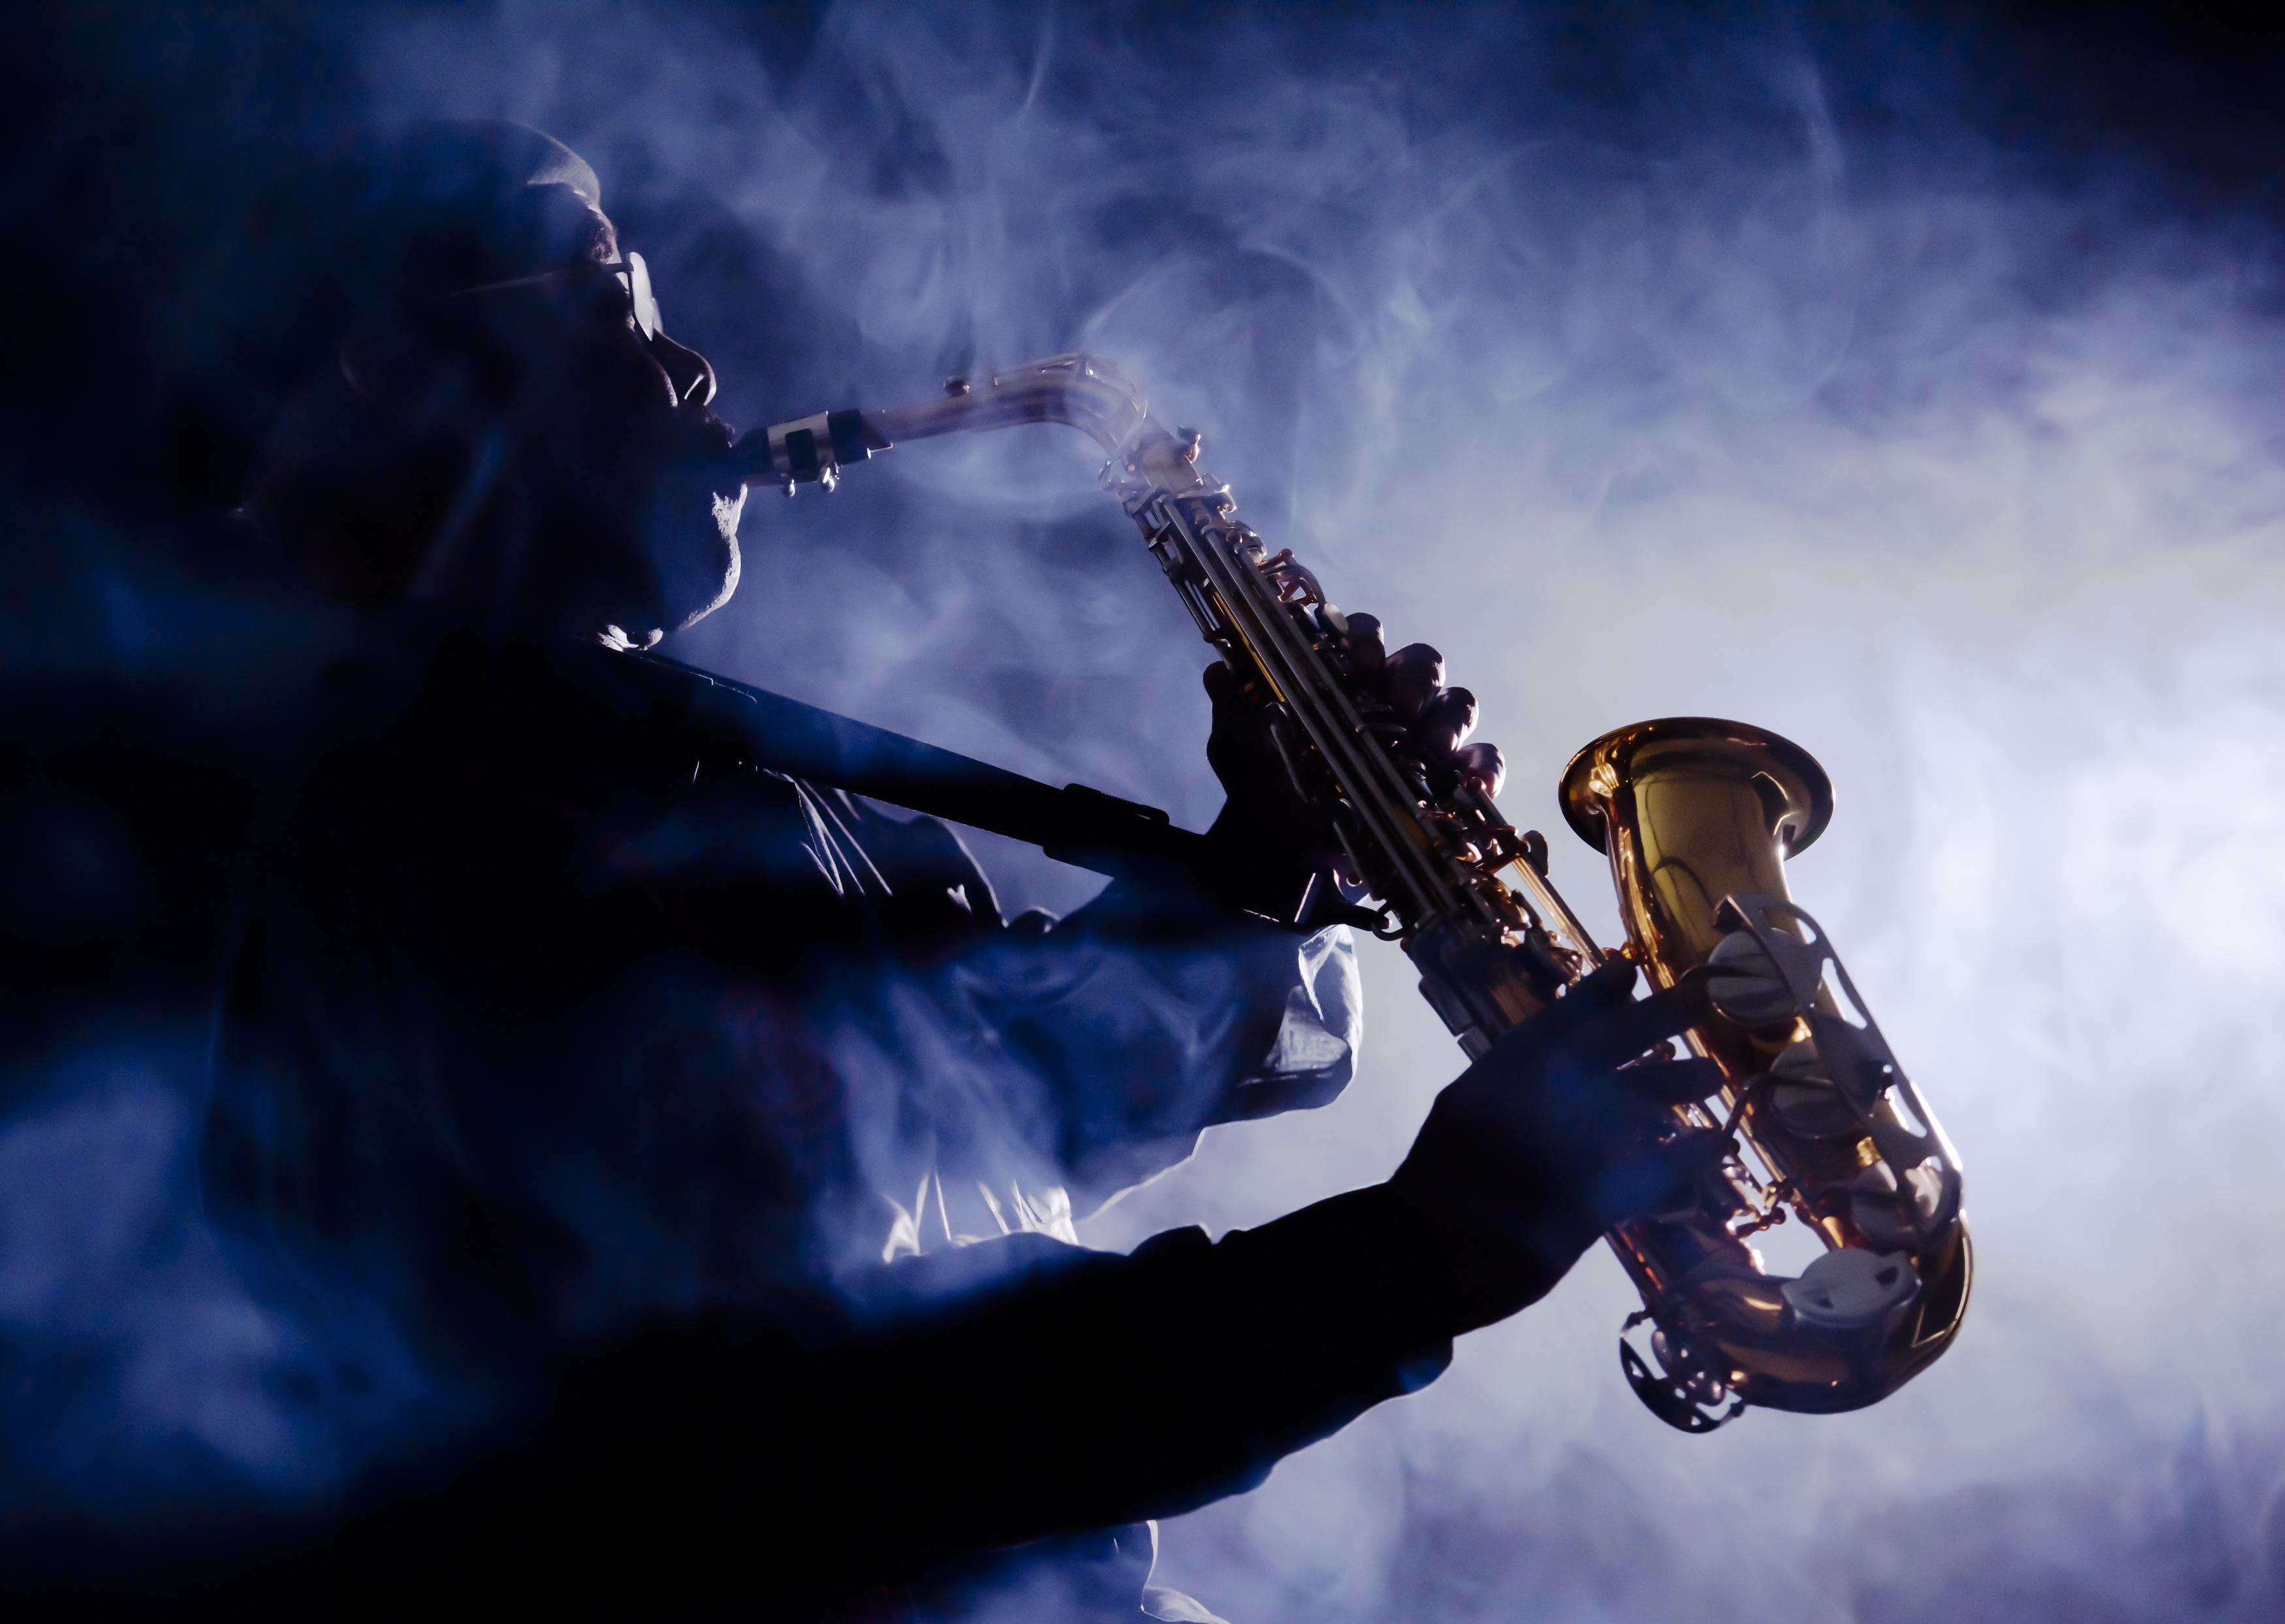 красивый ночной джаз фото оказались